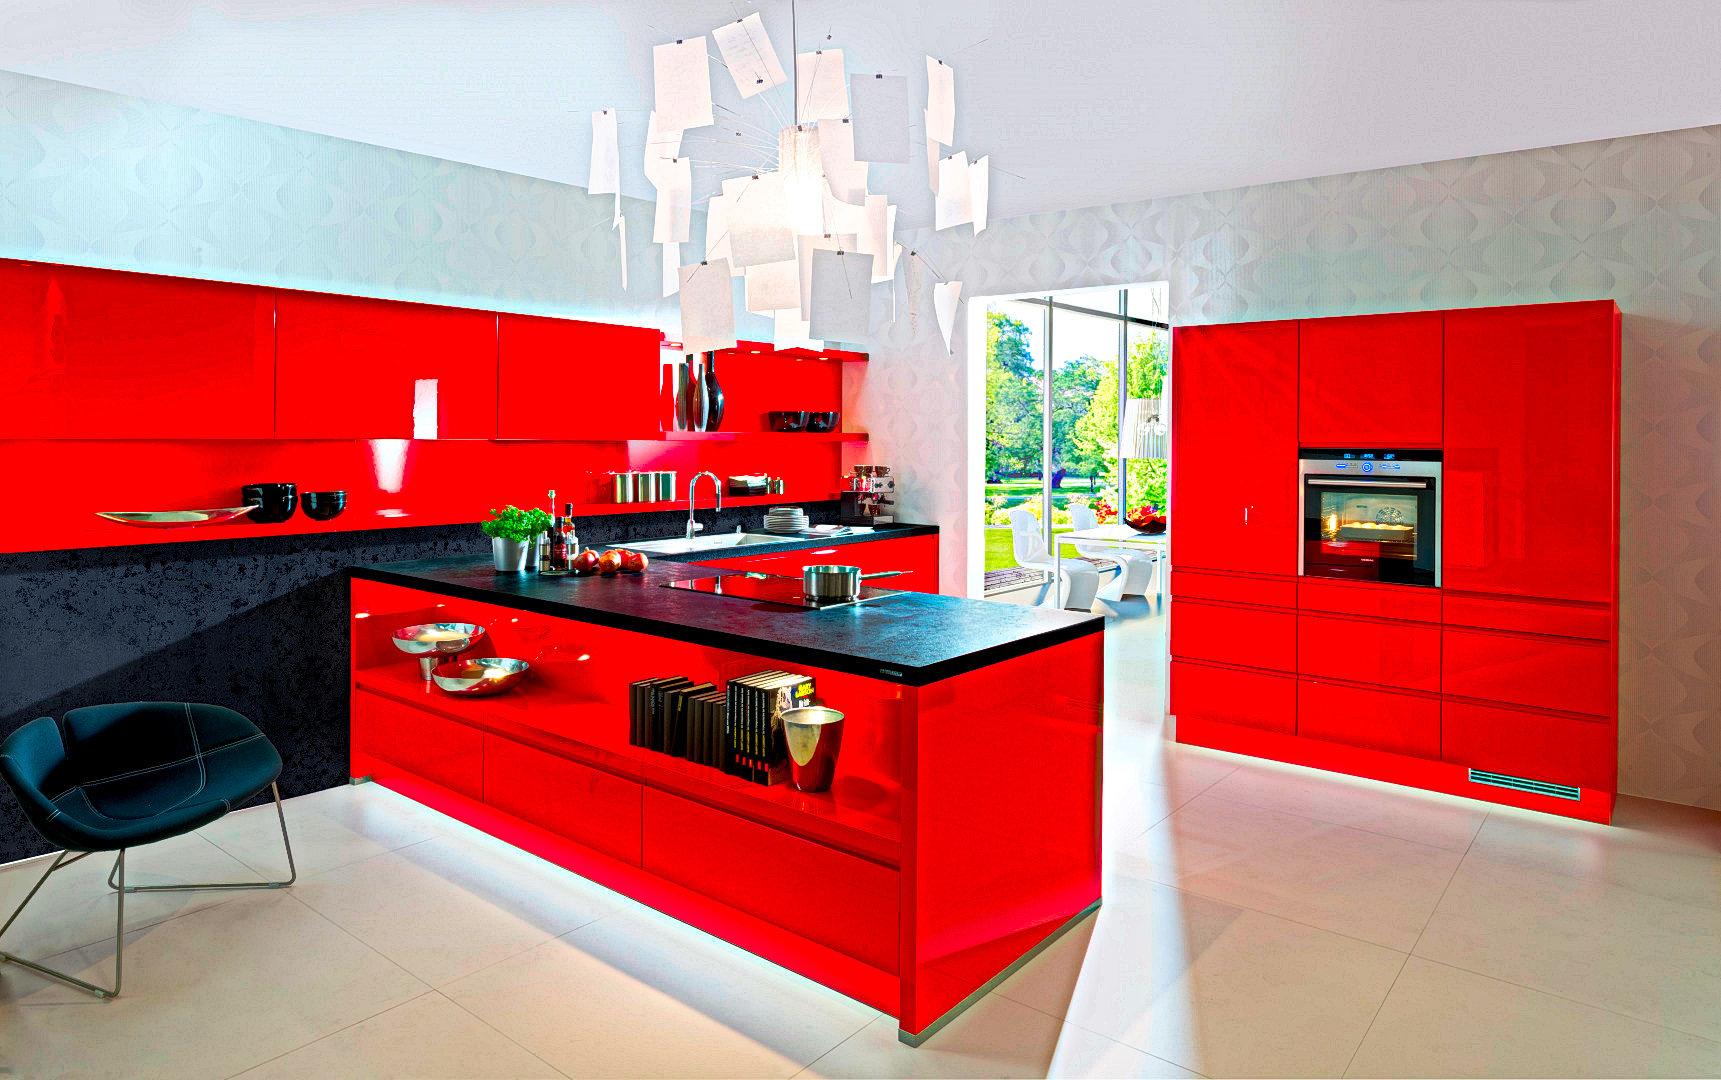 Full Size of Rote Kche Gnstig Kaufen Kchen 300 Sofort Lieferbar Komplettküche Einbauküche Weiss Hochglanz Doppelblock Küche Oberschrank Deckenlampe Unterschränke Küche Küche Billig Kaufen